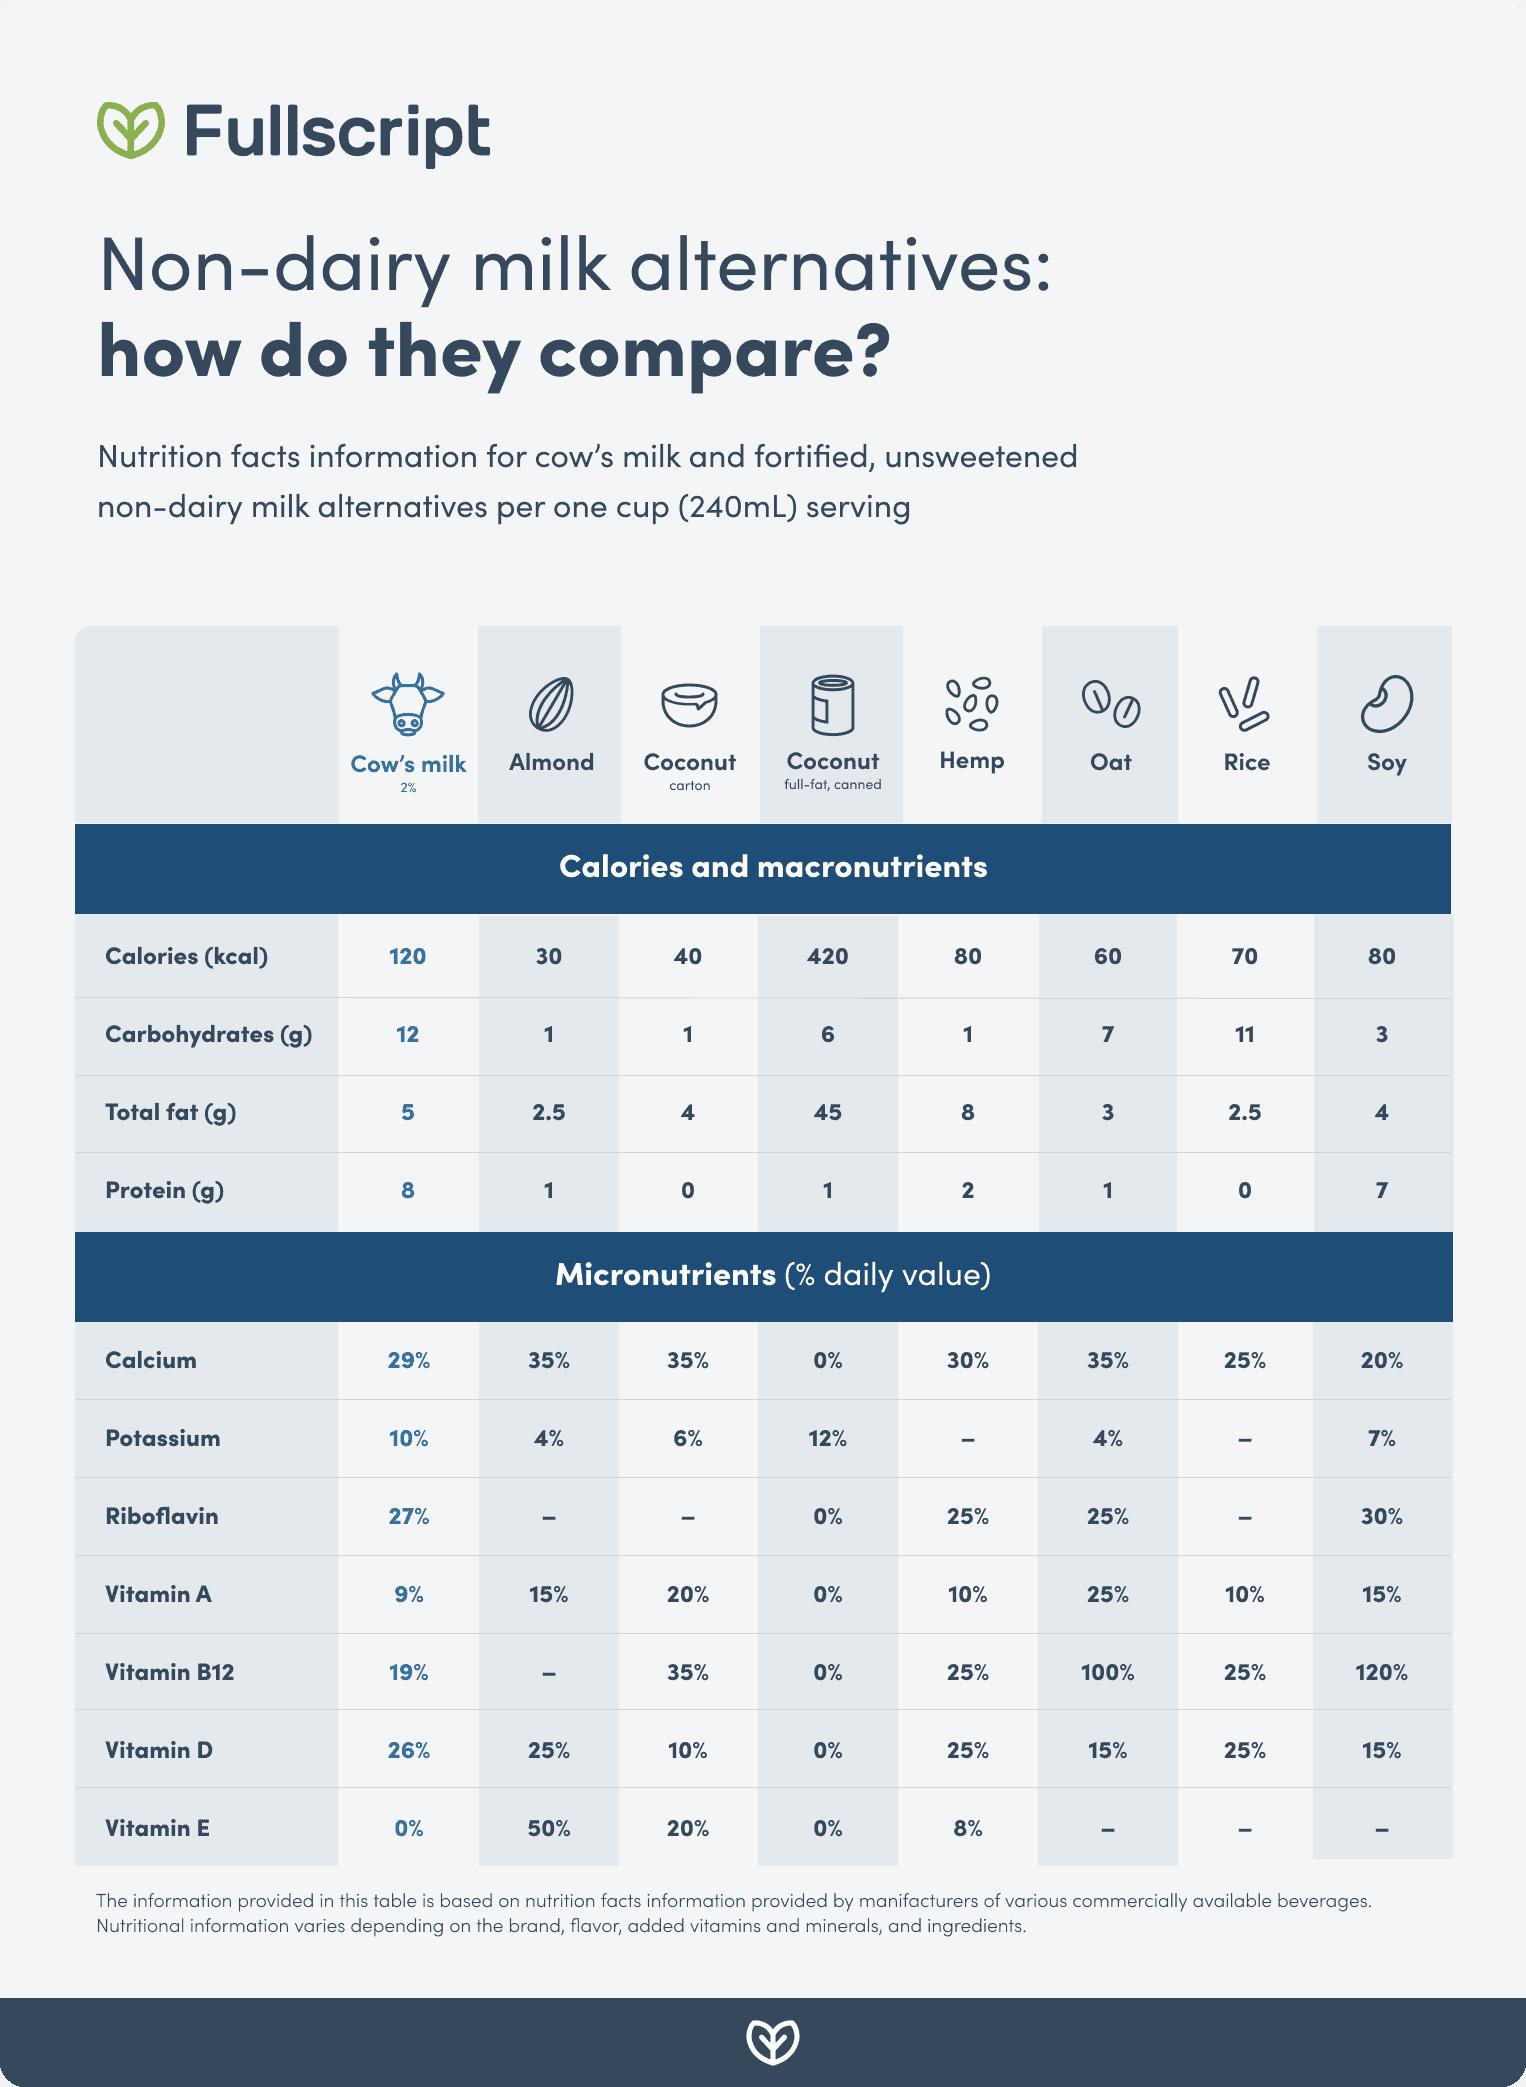 Non-dairy milk alternative comparison chart